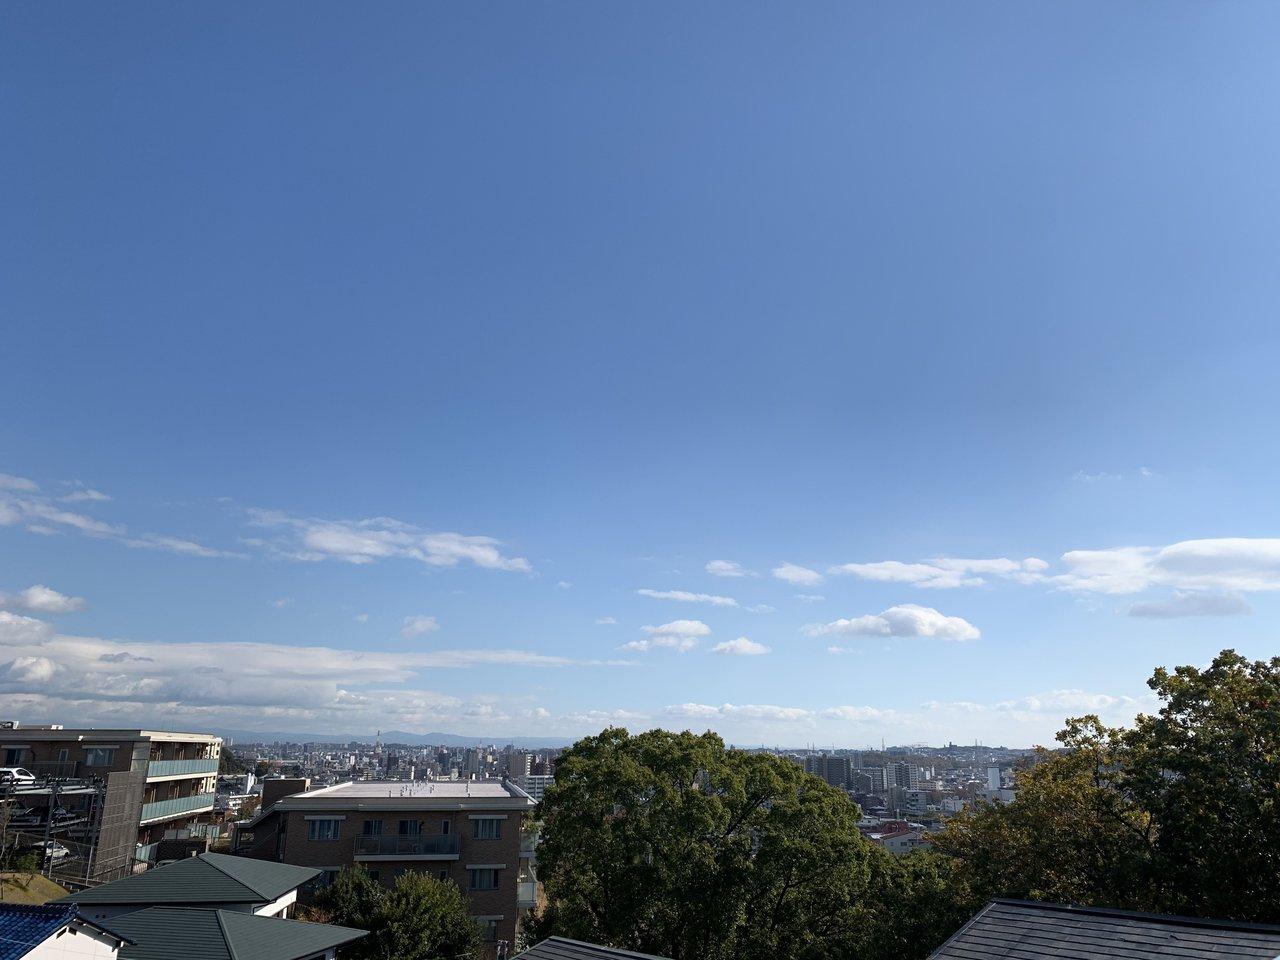 毎日変化する「景色」を楽しむ。名古屋・眺望良好の賃貸まとめ